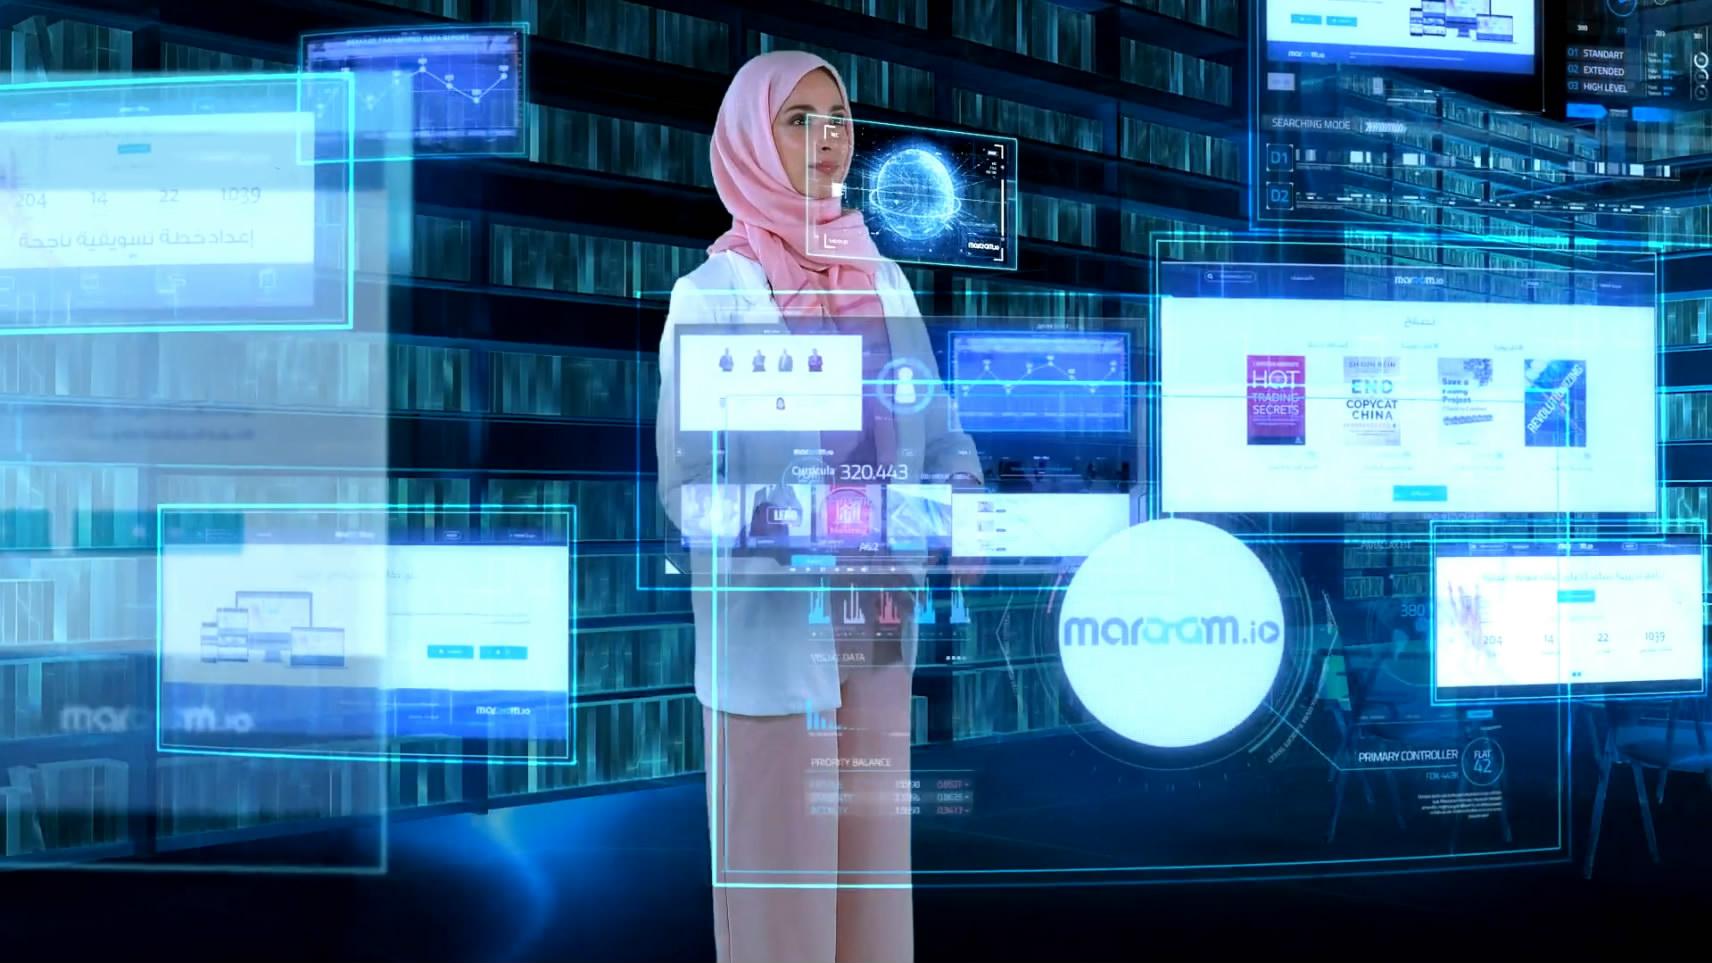 科技未来女人物实拍合成科技城市穿梭光线虚拟屏幕